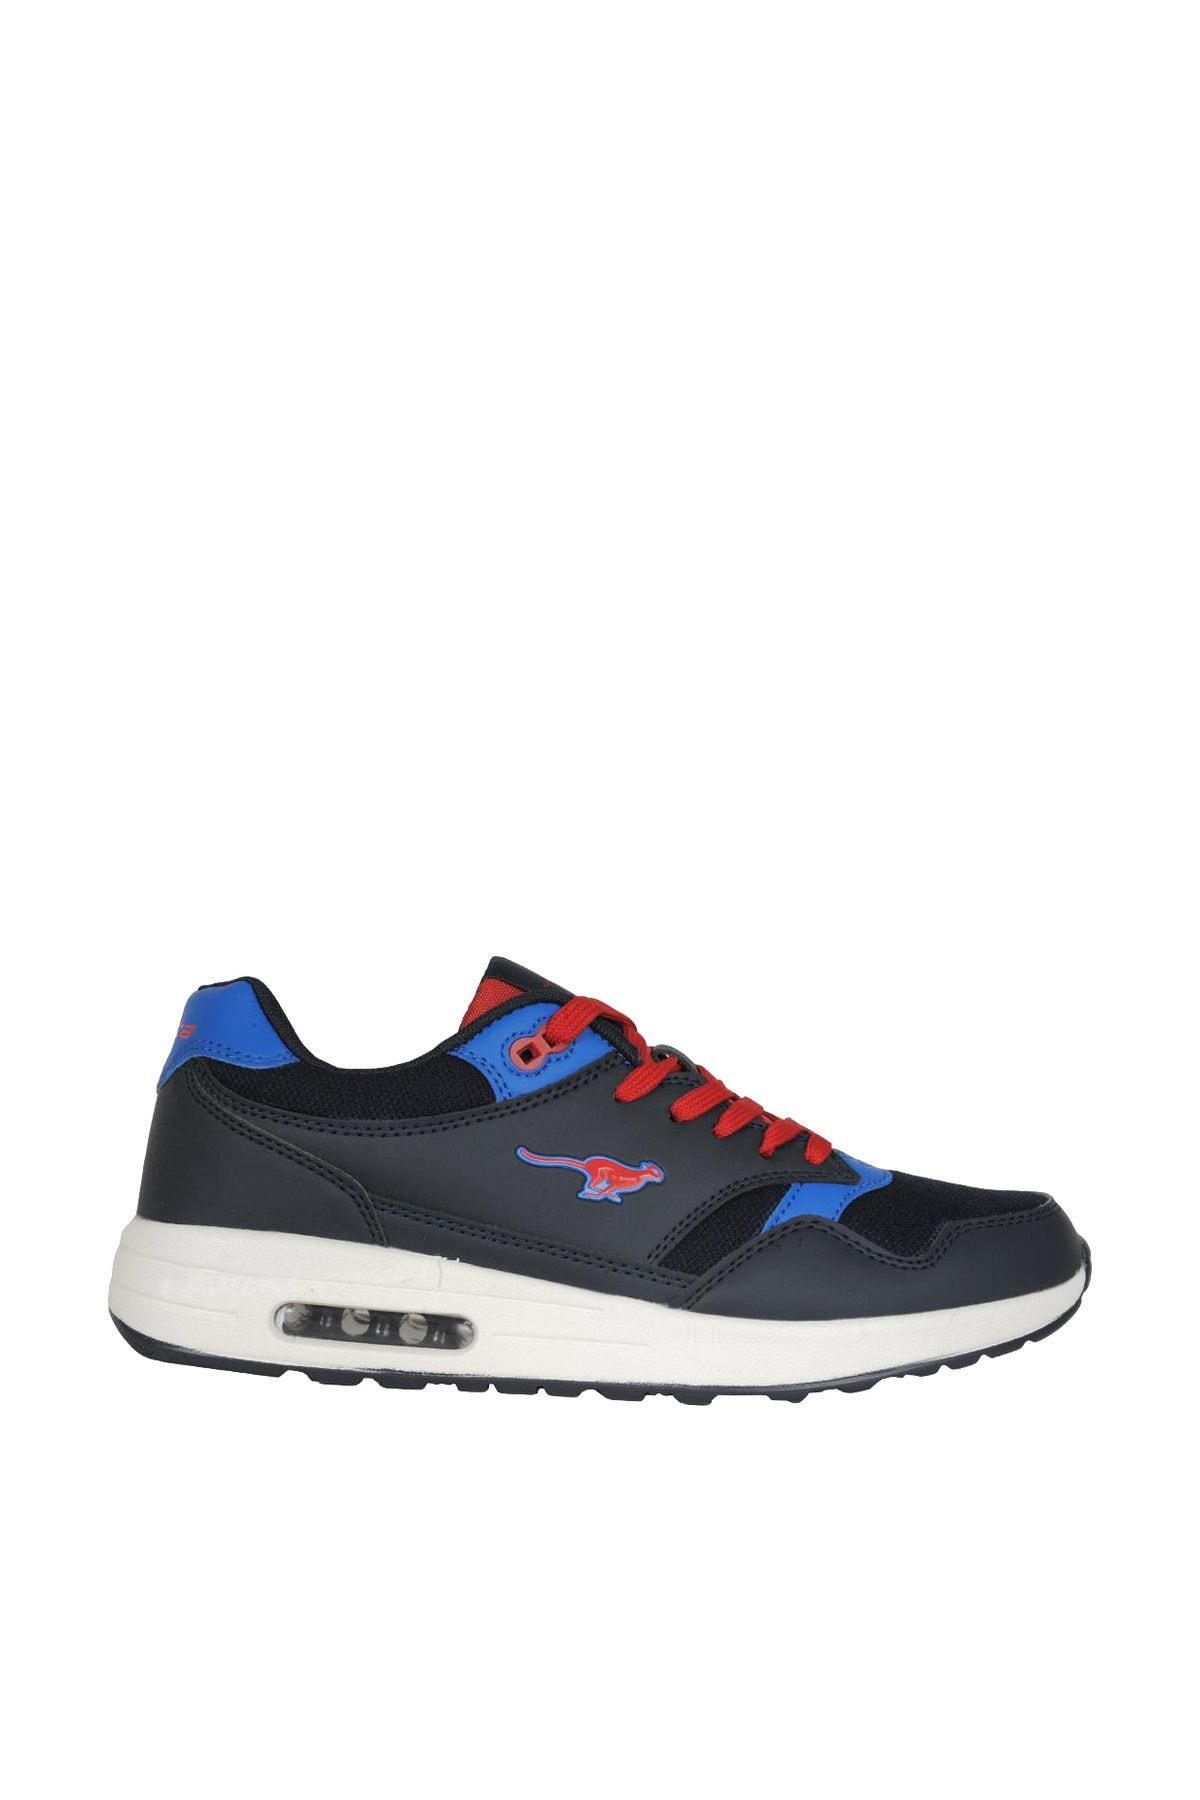 Cheta Stoke Lacivert Yazlık Günlük Yürüyüş Erkek Spor Ayakkabı 1